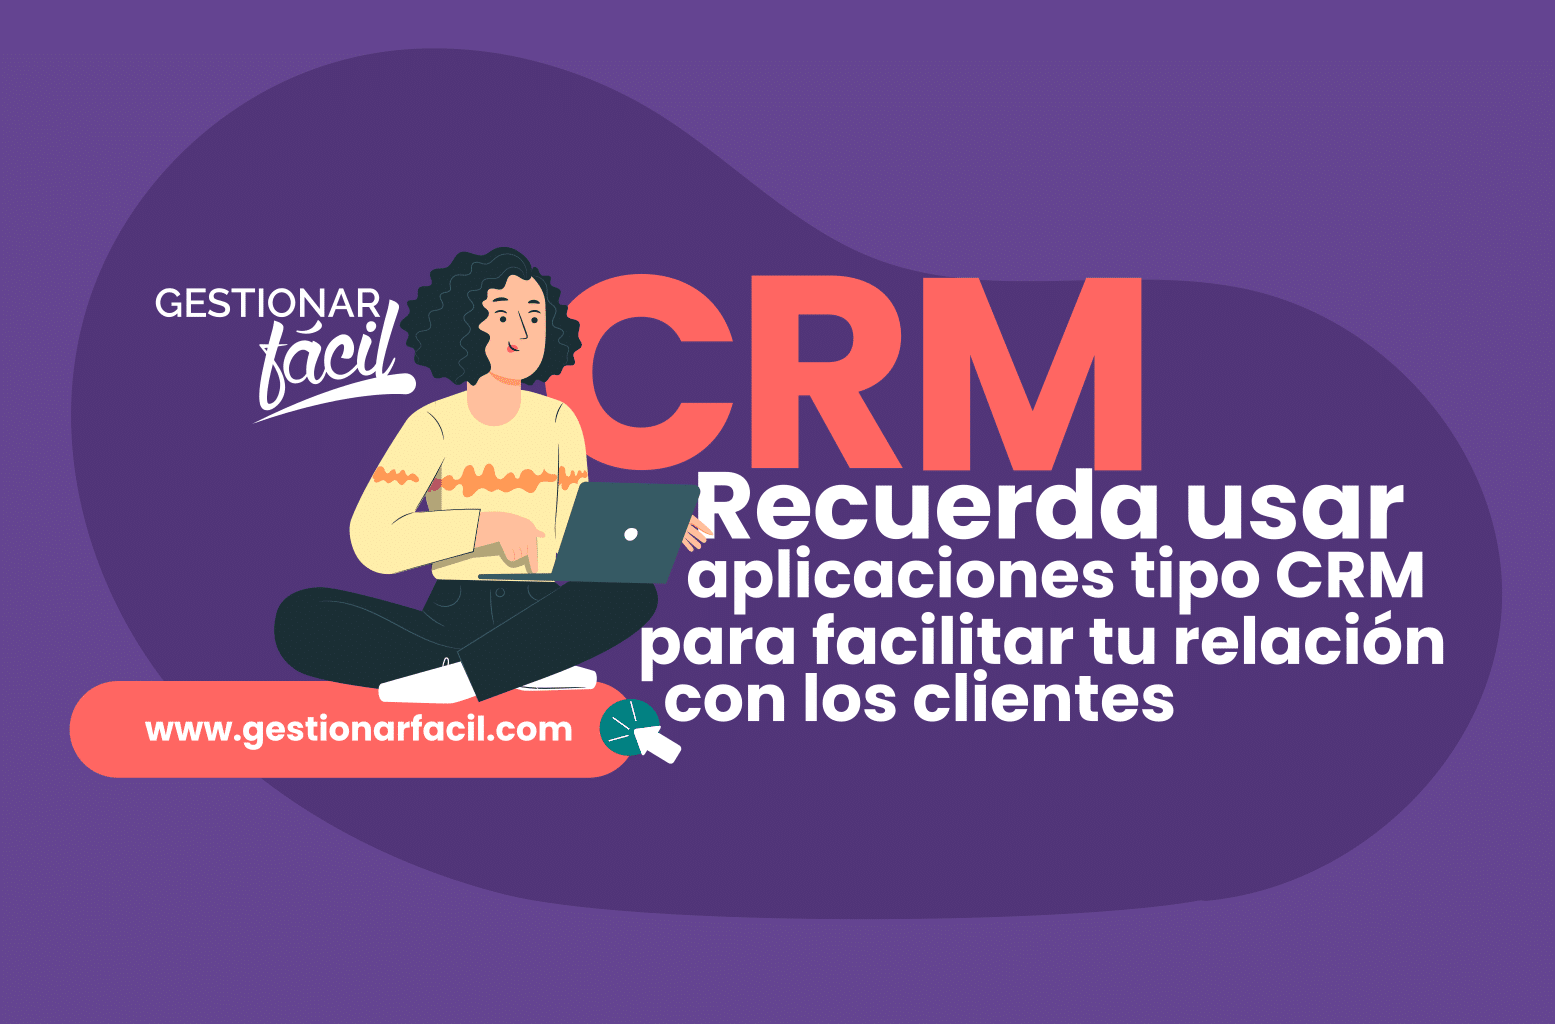 Utilice aplicaciones tipo CRM, que faciliten la gestión de la relación con tus clientes.